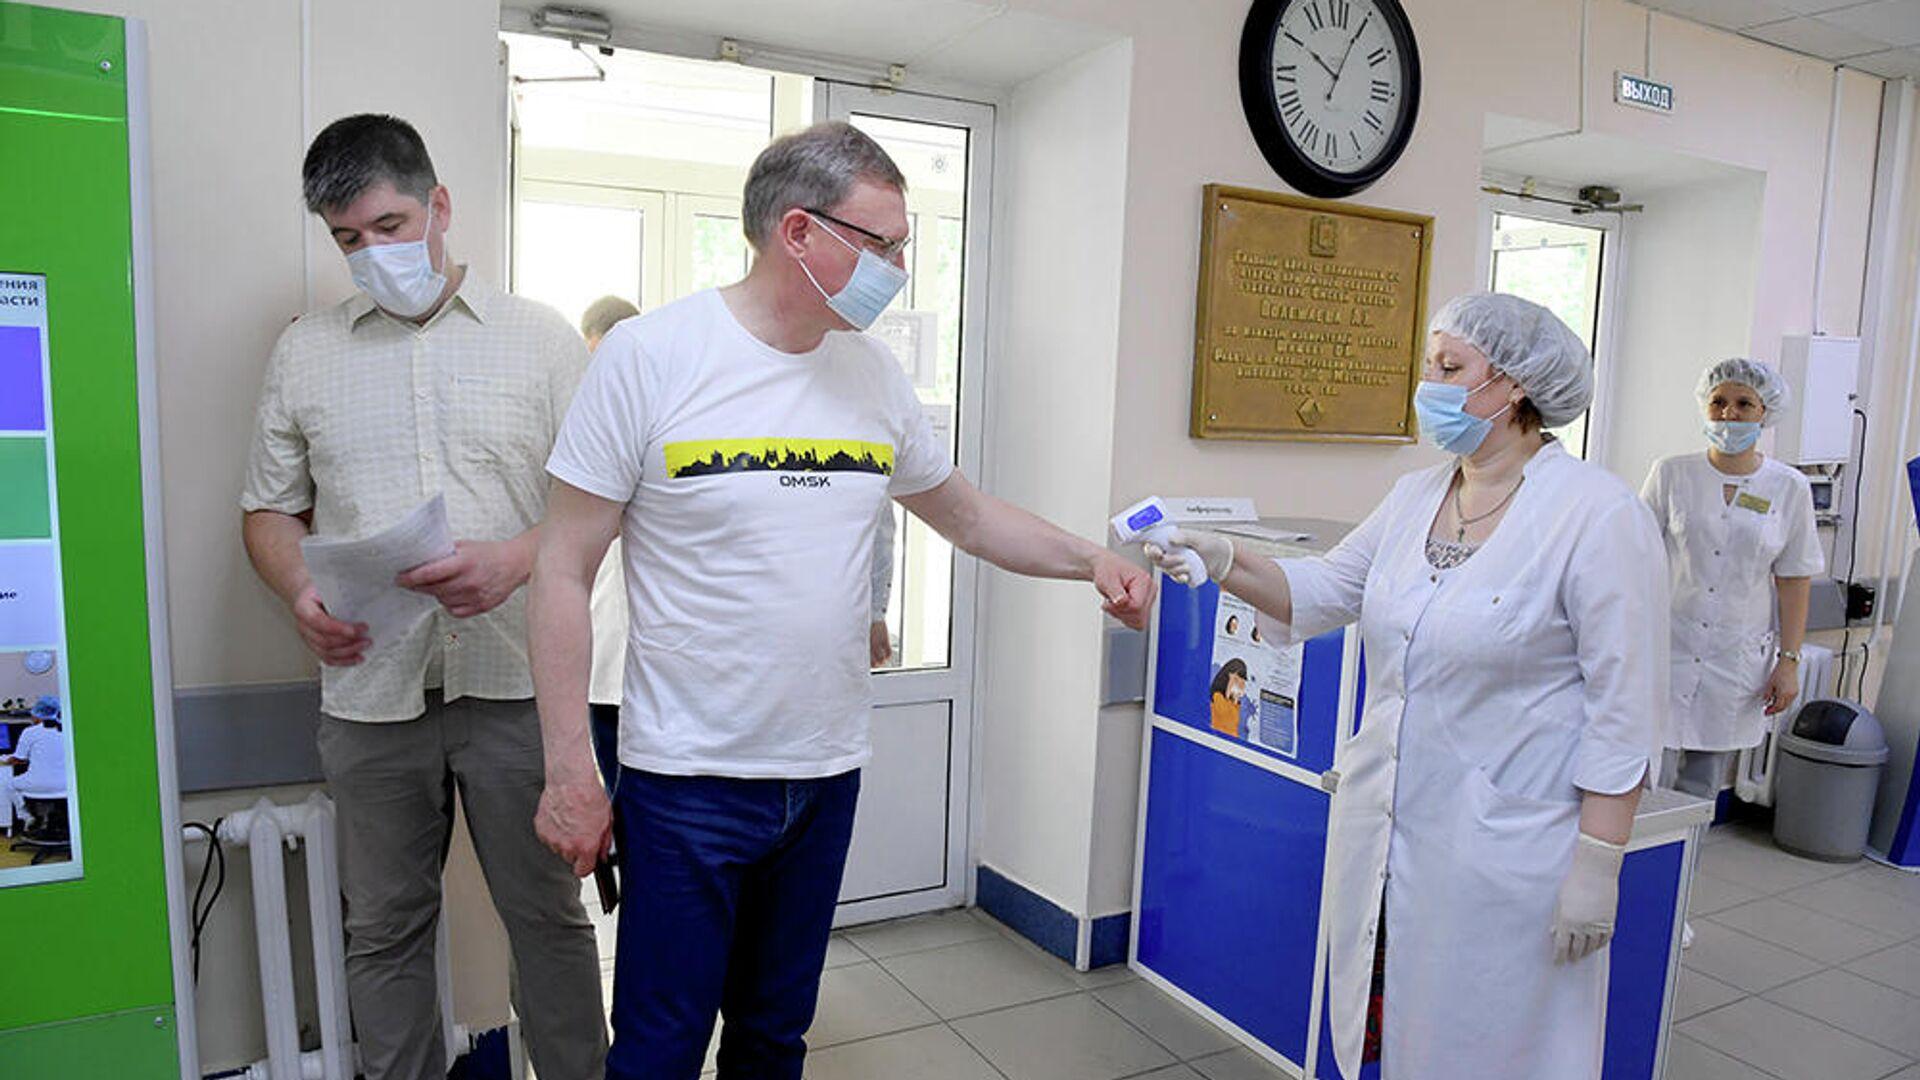 Омский губернатор проверил организацию вакцинации населения в больницах - РИА Новости, 1920, 06.07.2021